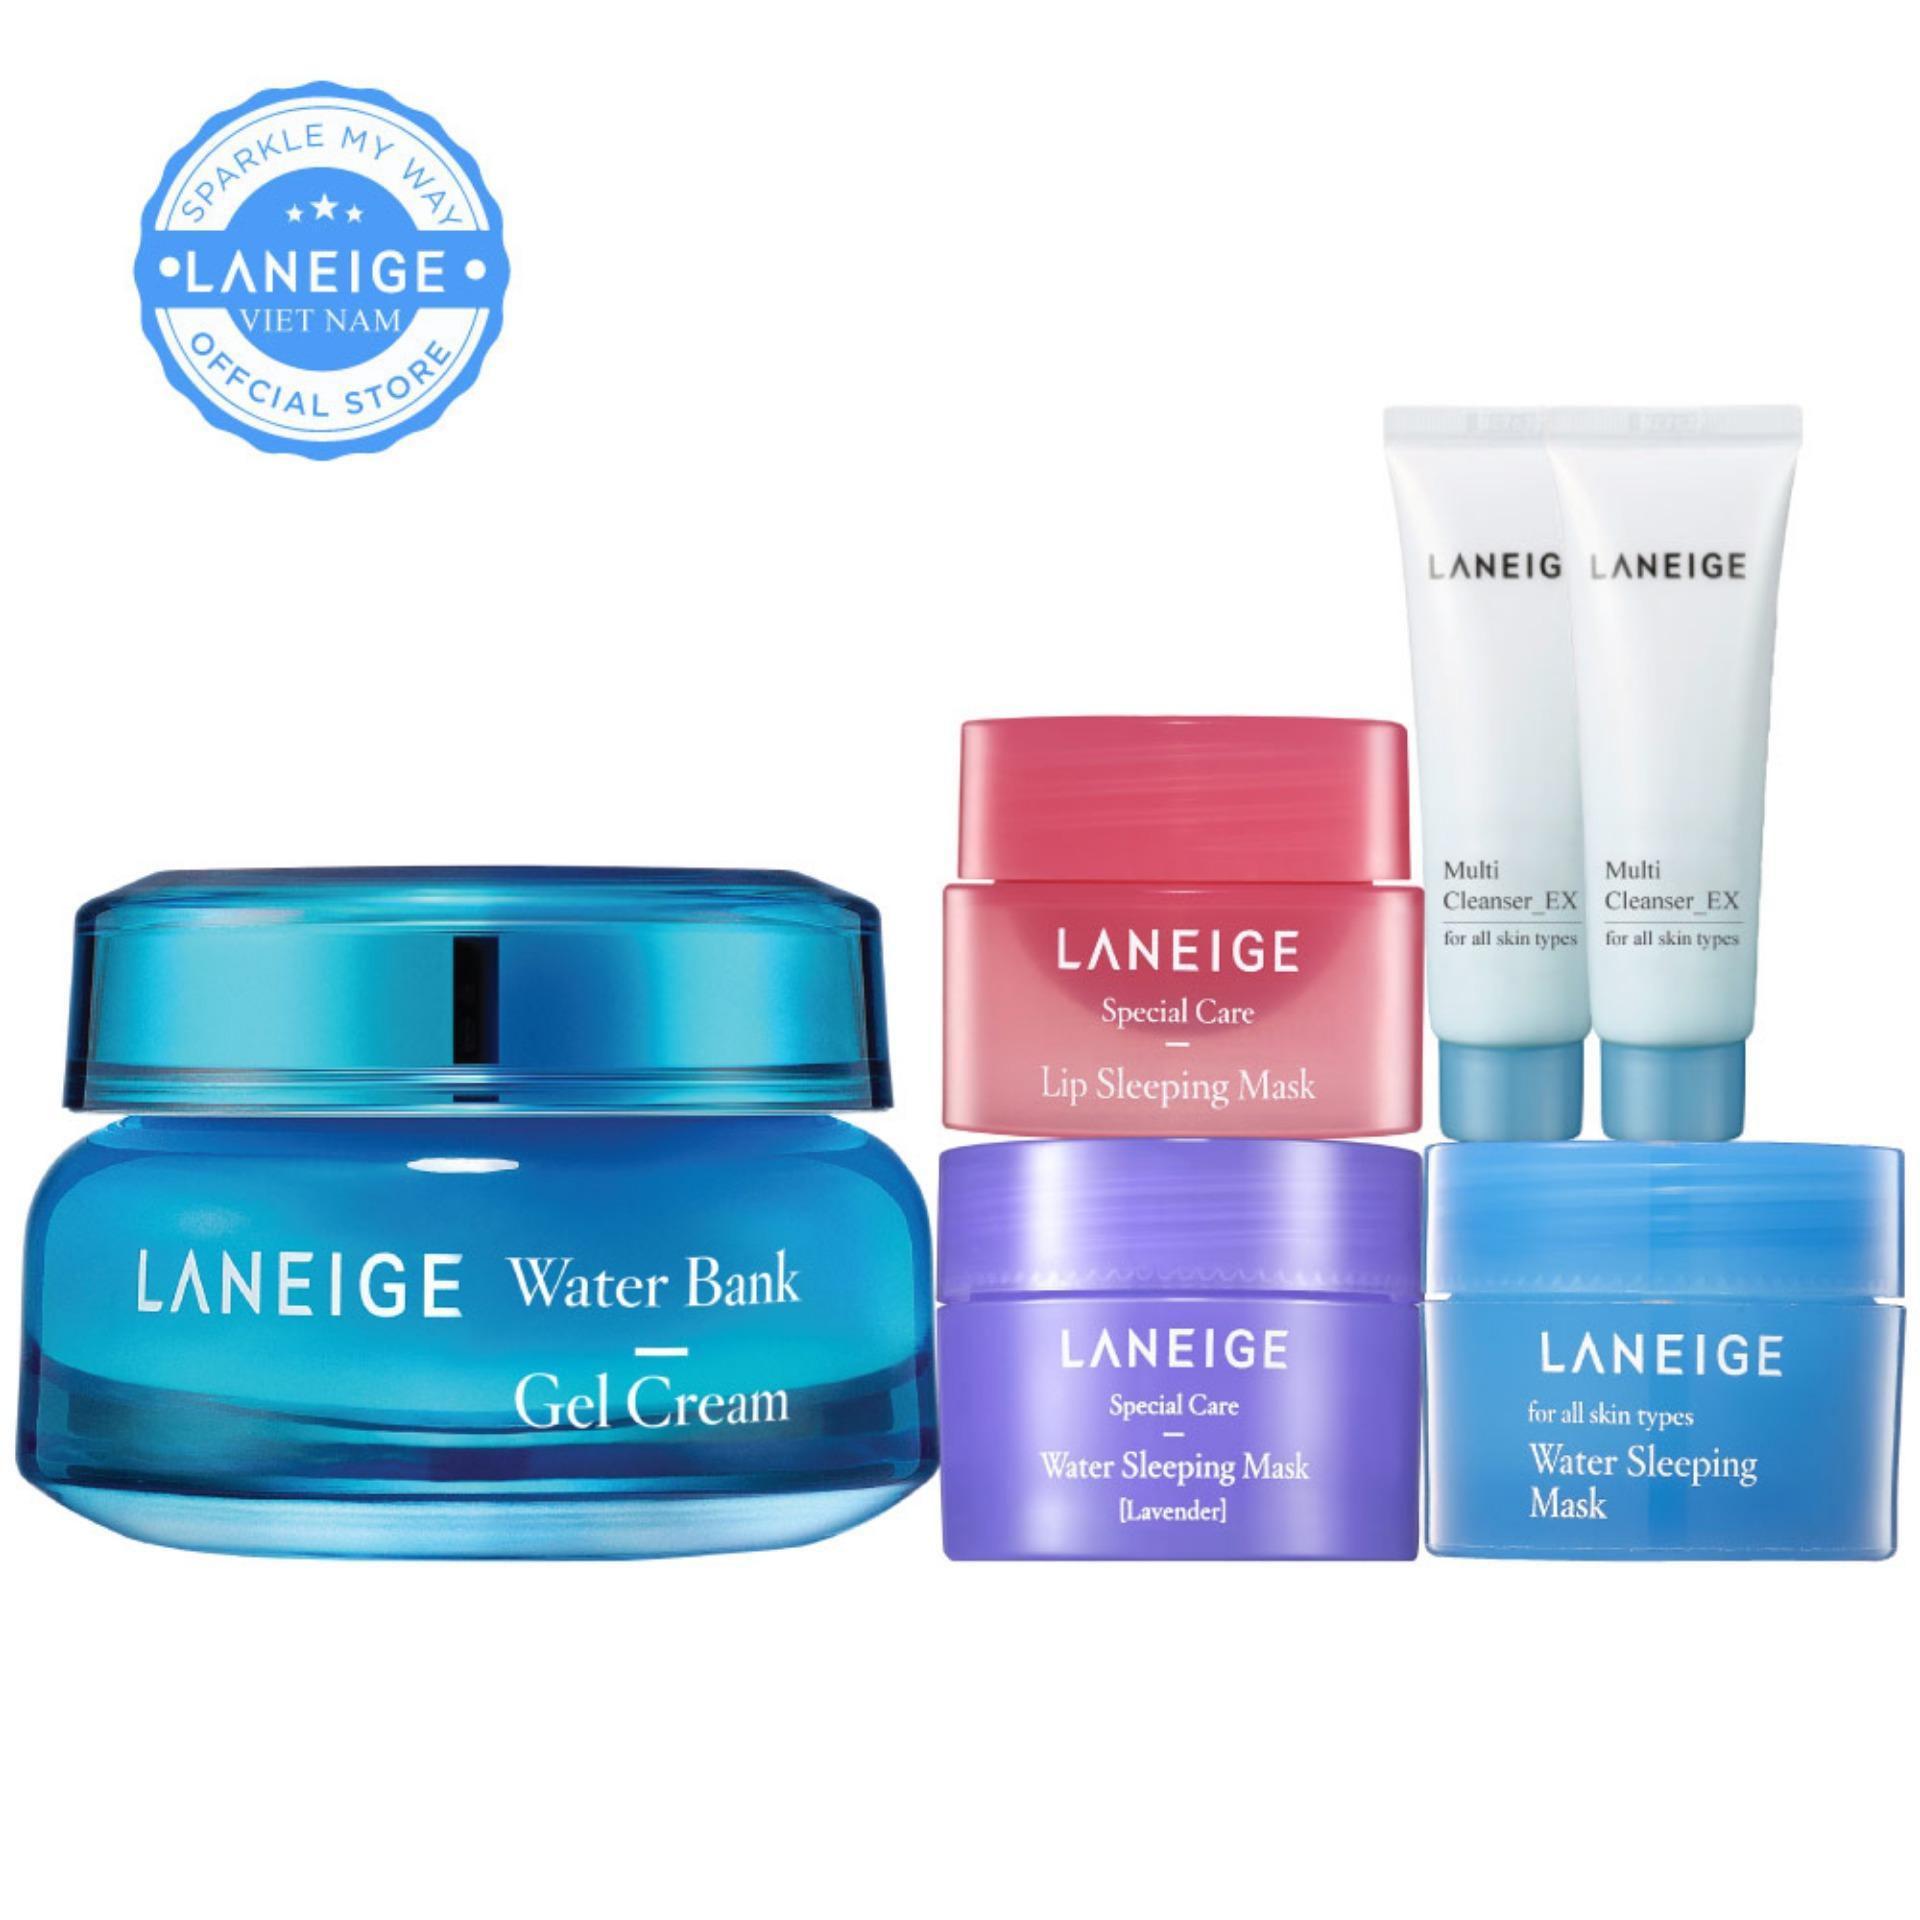 Kem dưỡng ẩm dạng gel Laneige Water Bank Gel Cream 50ml + Tặng bộ bộ quà tặng Sleeping Care Good Night Kit